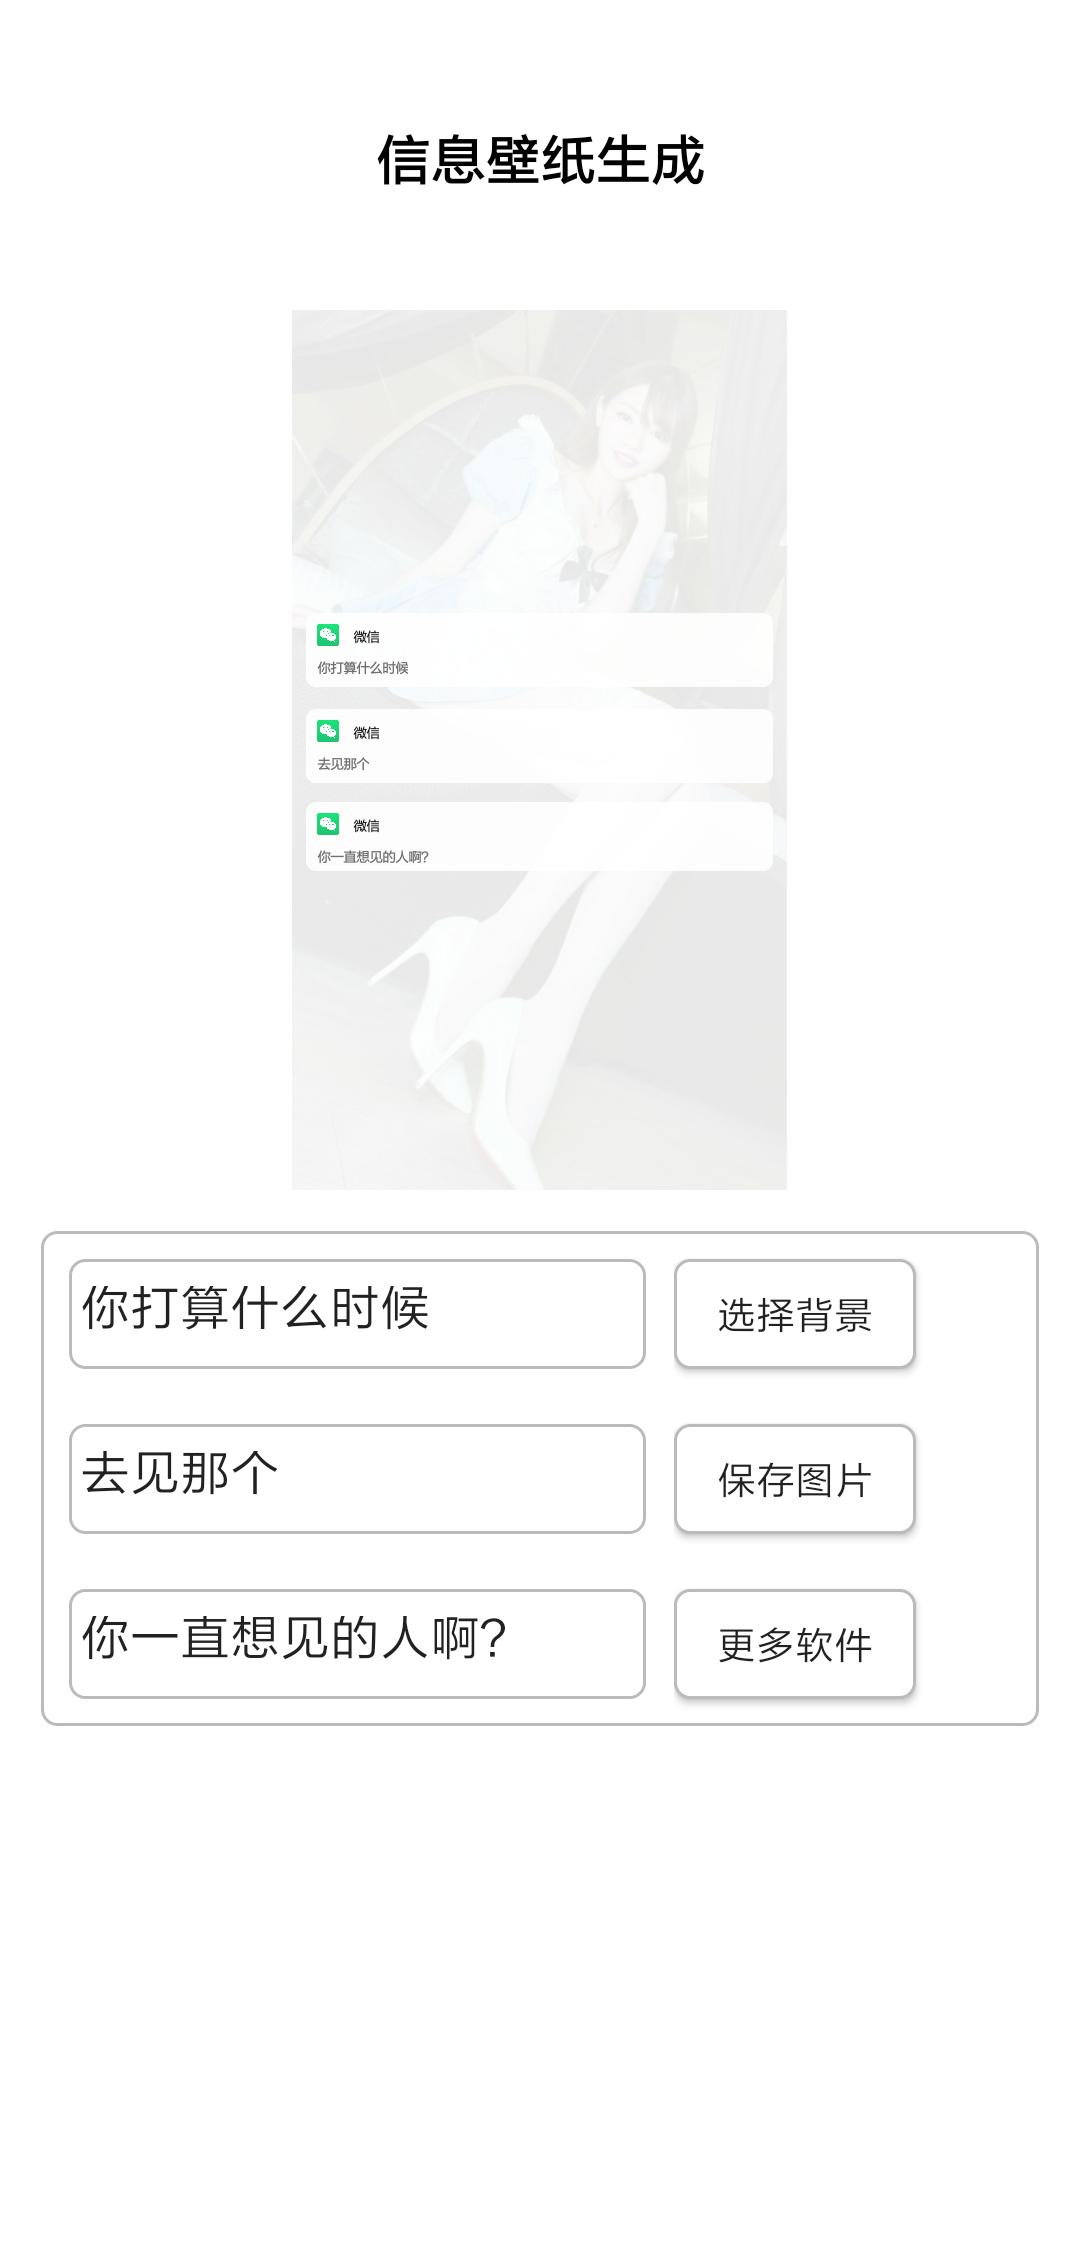 【11.28】超火信息壁纸生成-爱小助